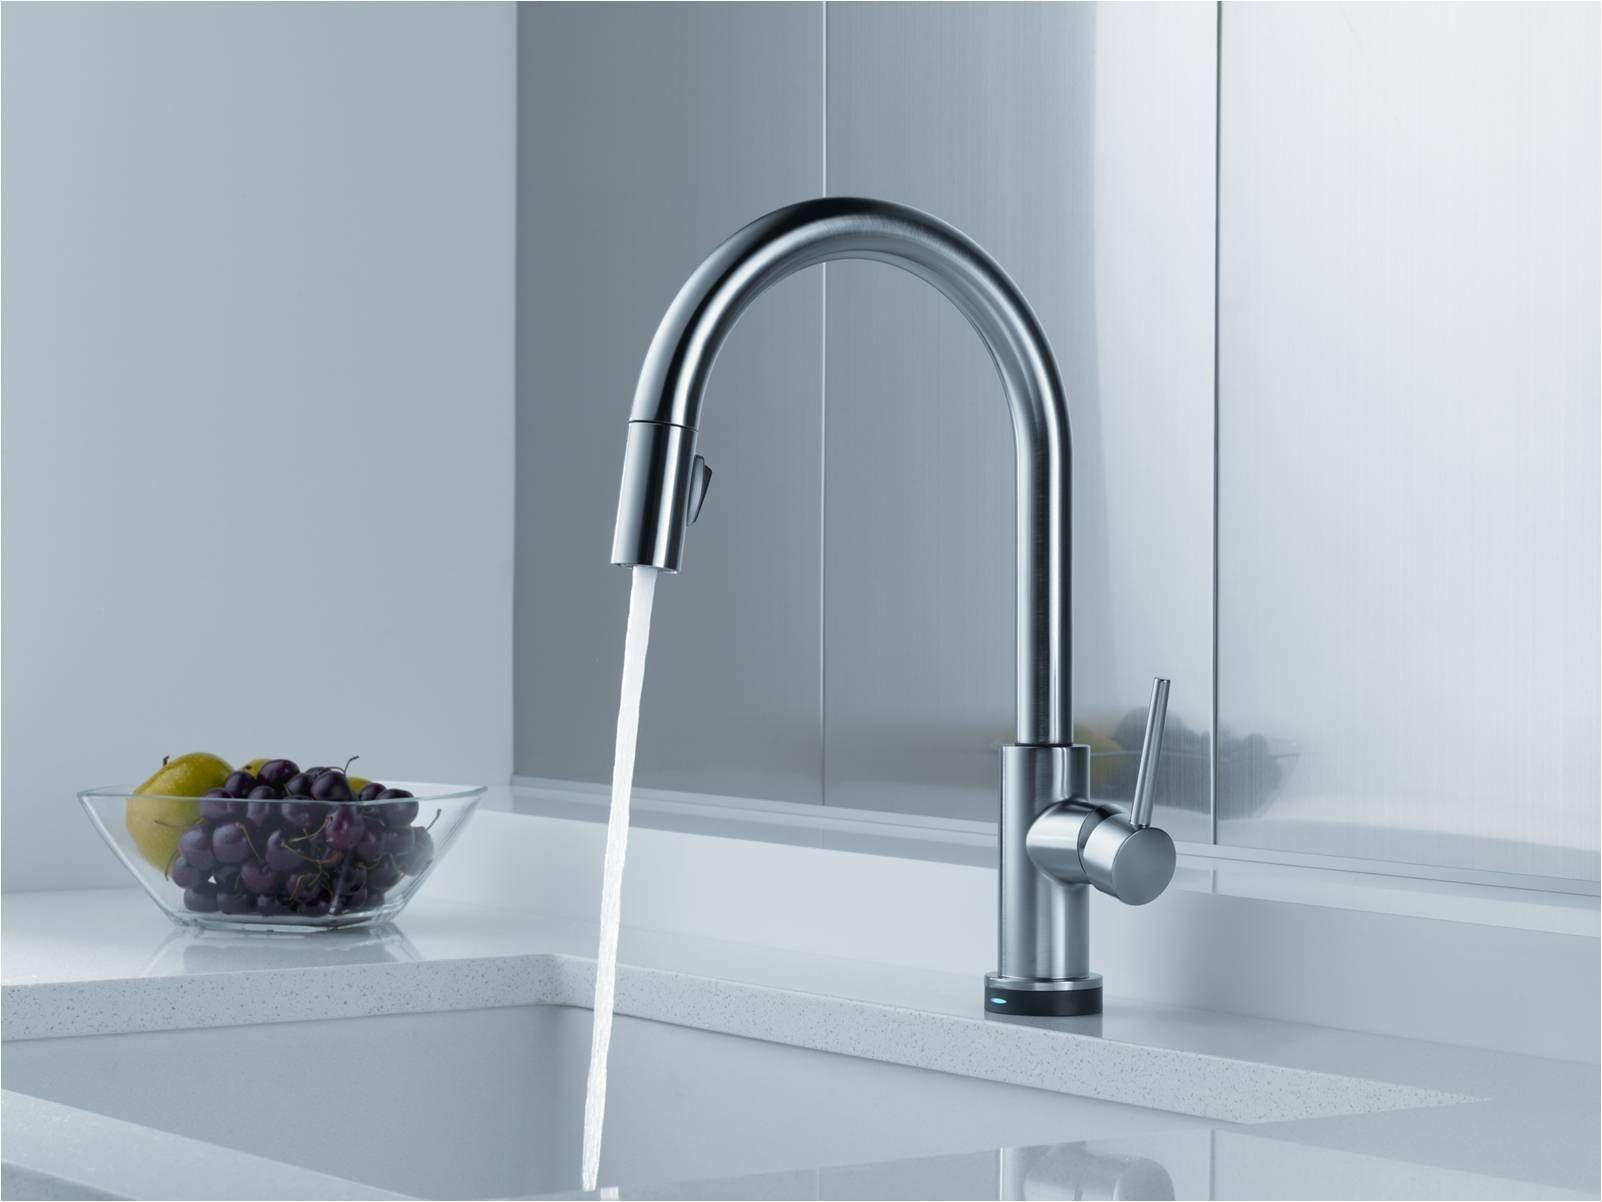 Ideas, best rated touchless kitchen faucet best rated touchless kitchen faucet best rated kitchen faucets detrit 1602 x 1202  .